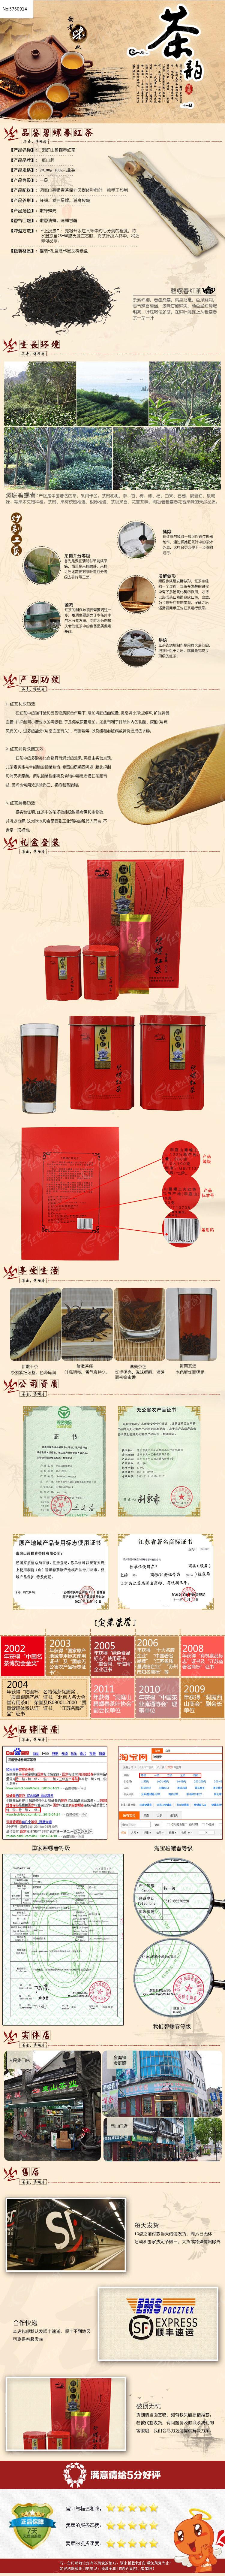 淘宝茶叶详情页宝贝排版设计源文件图片